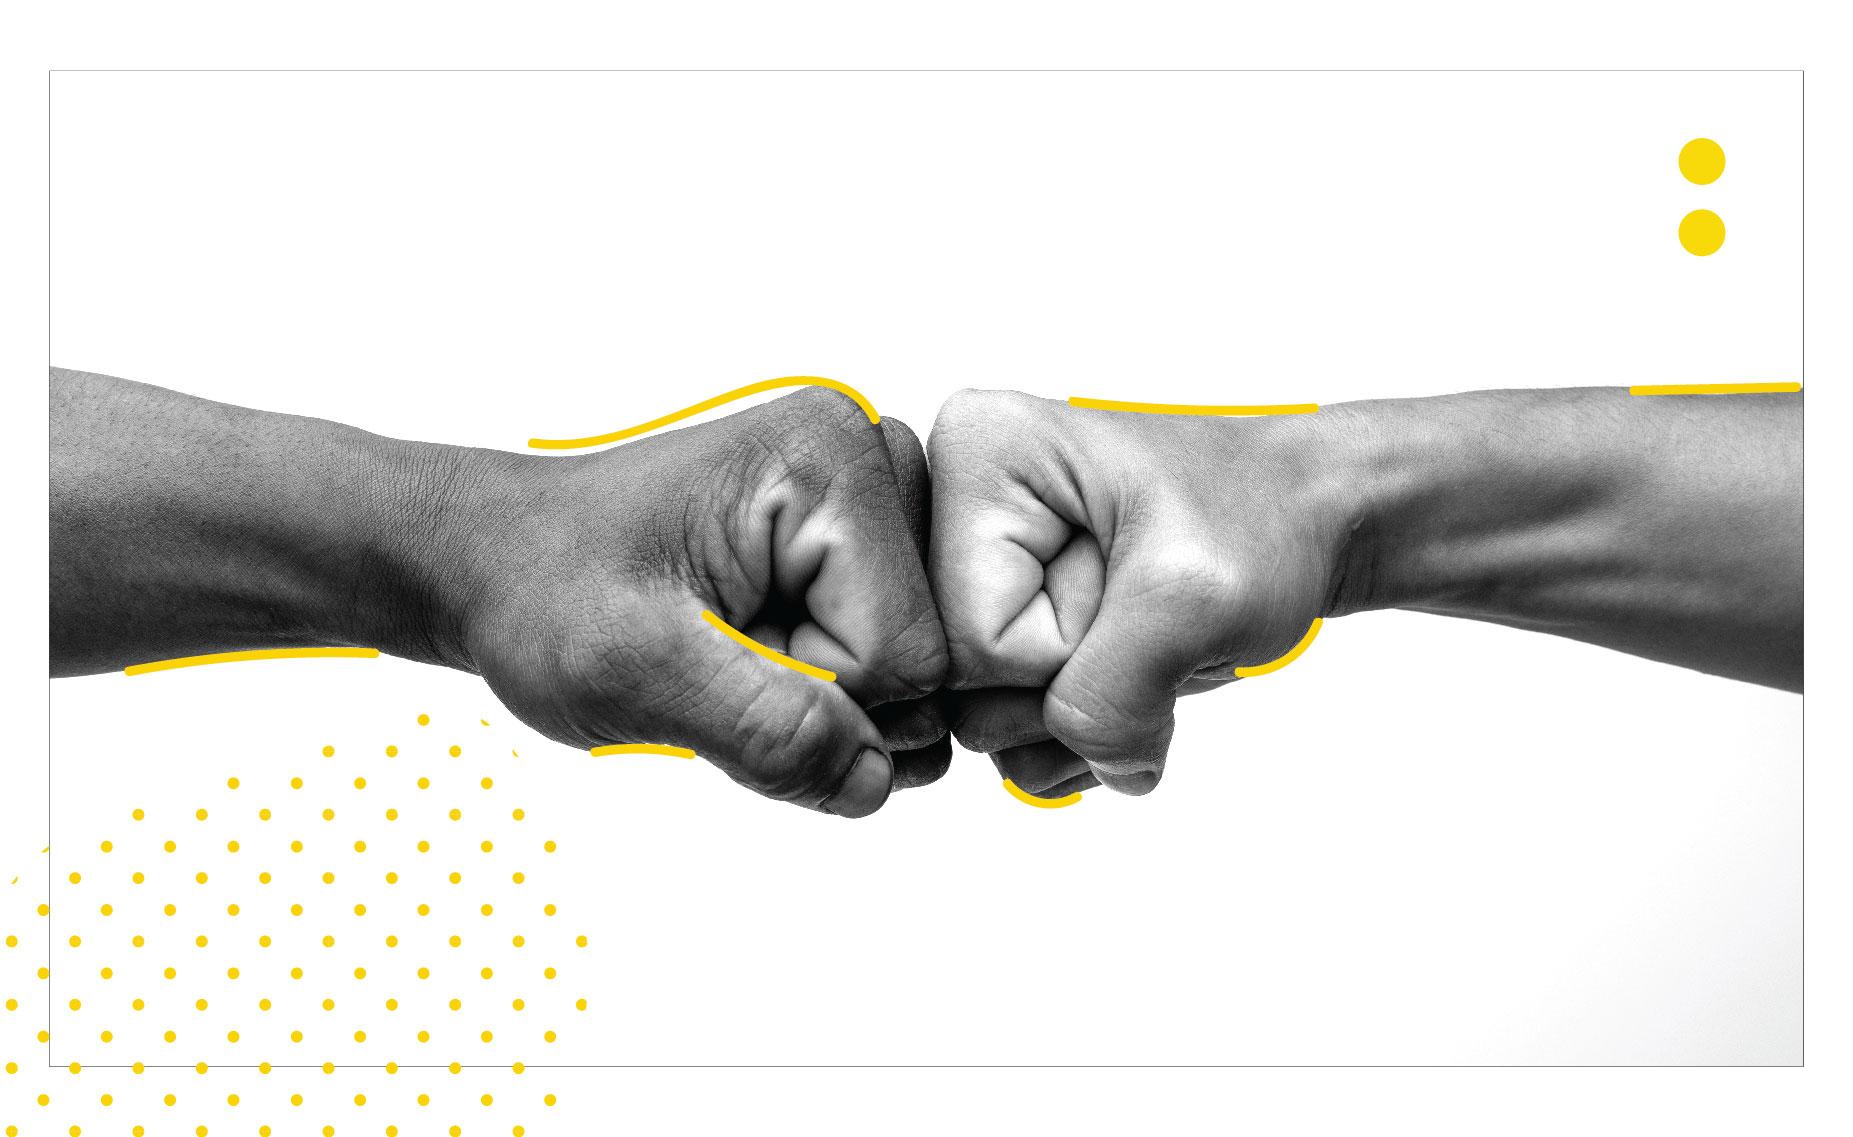 كيف تصنع شراكة إبداعية ناجحة؟